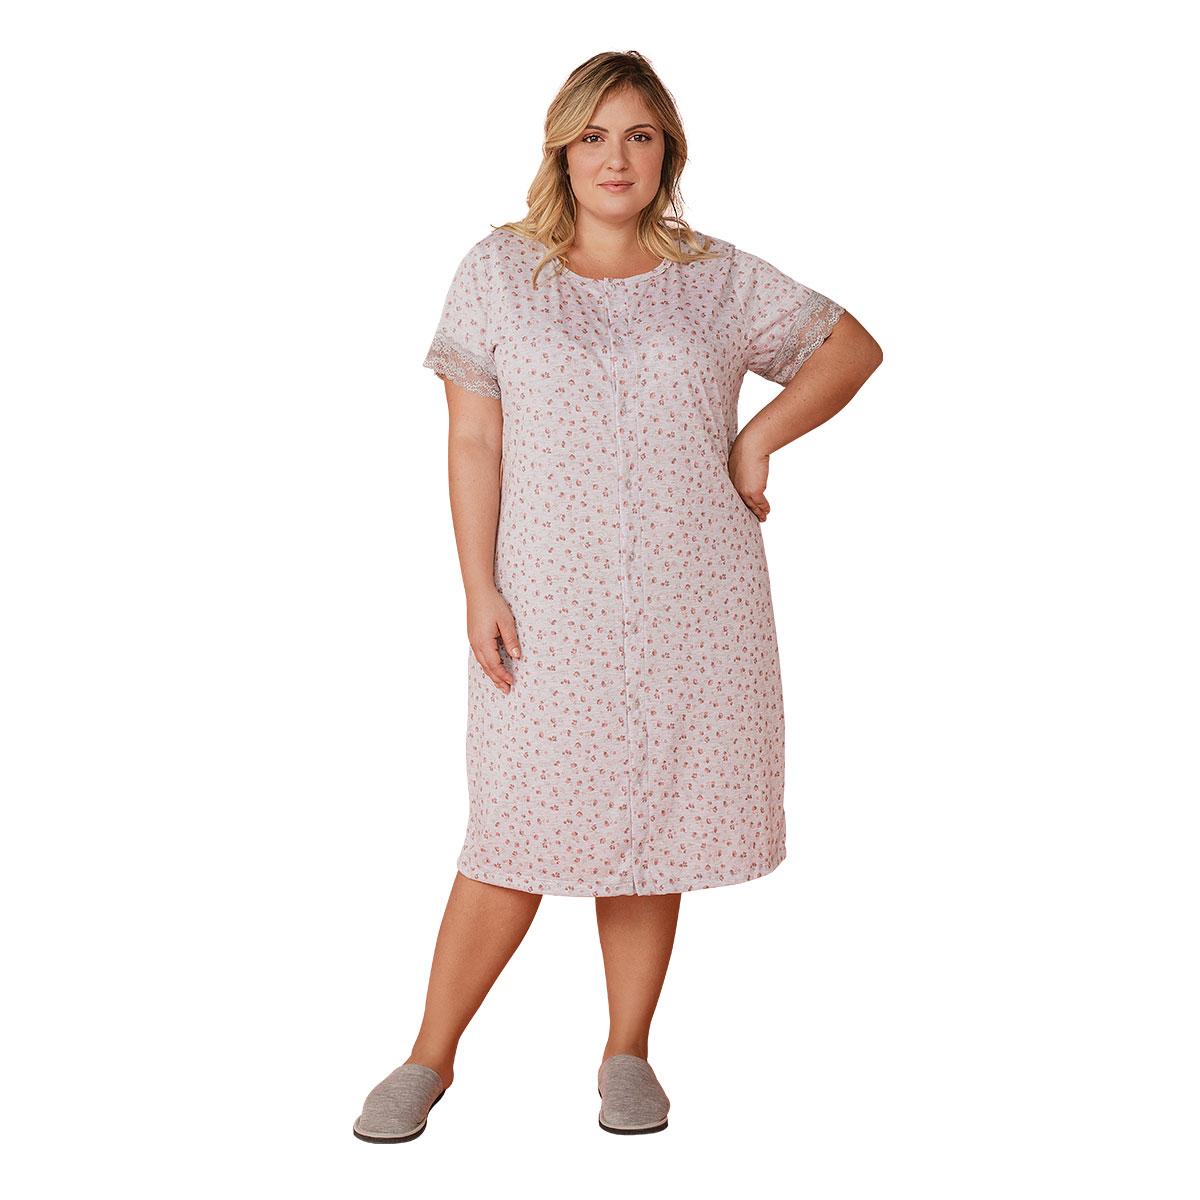 Camisola Feminina Aberta Plus Size Mardelle